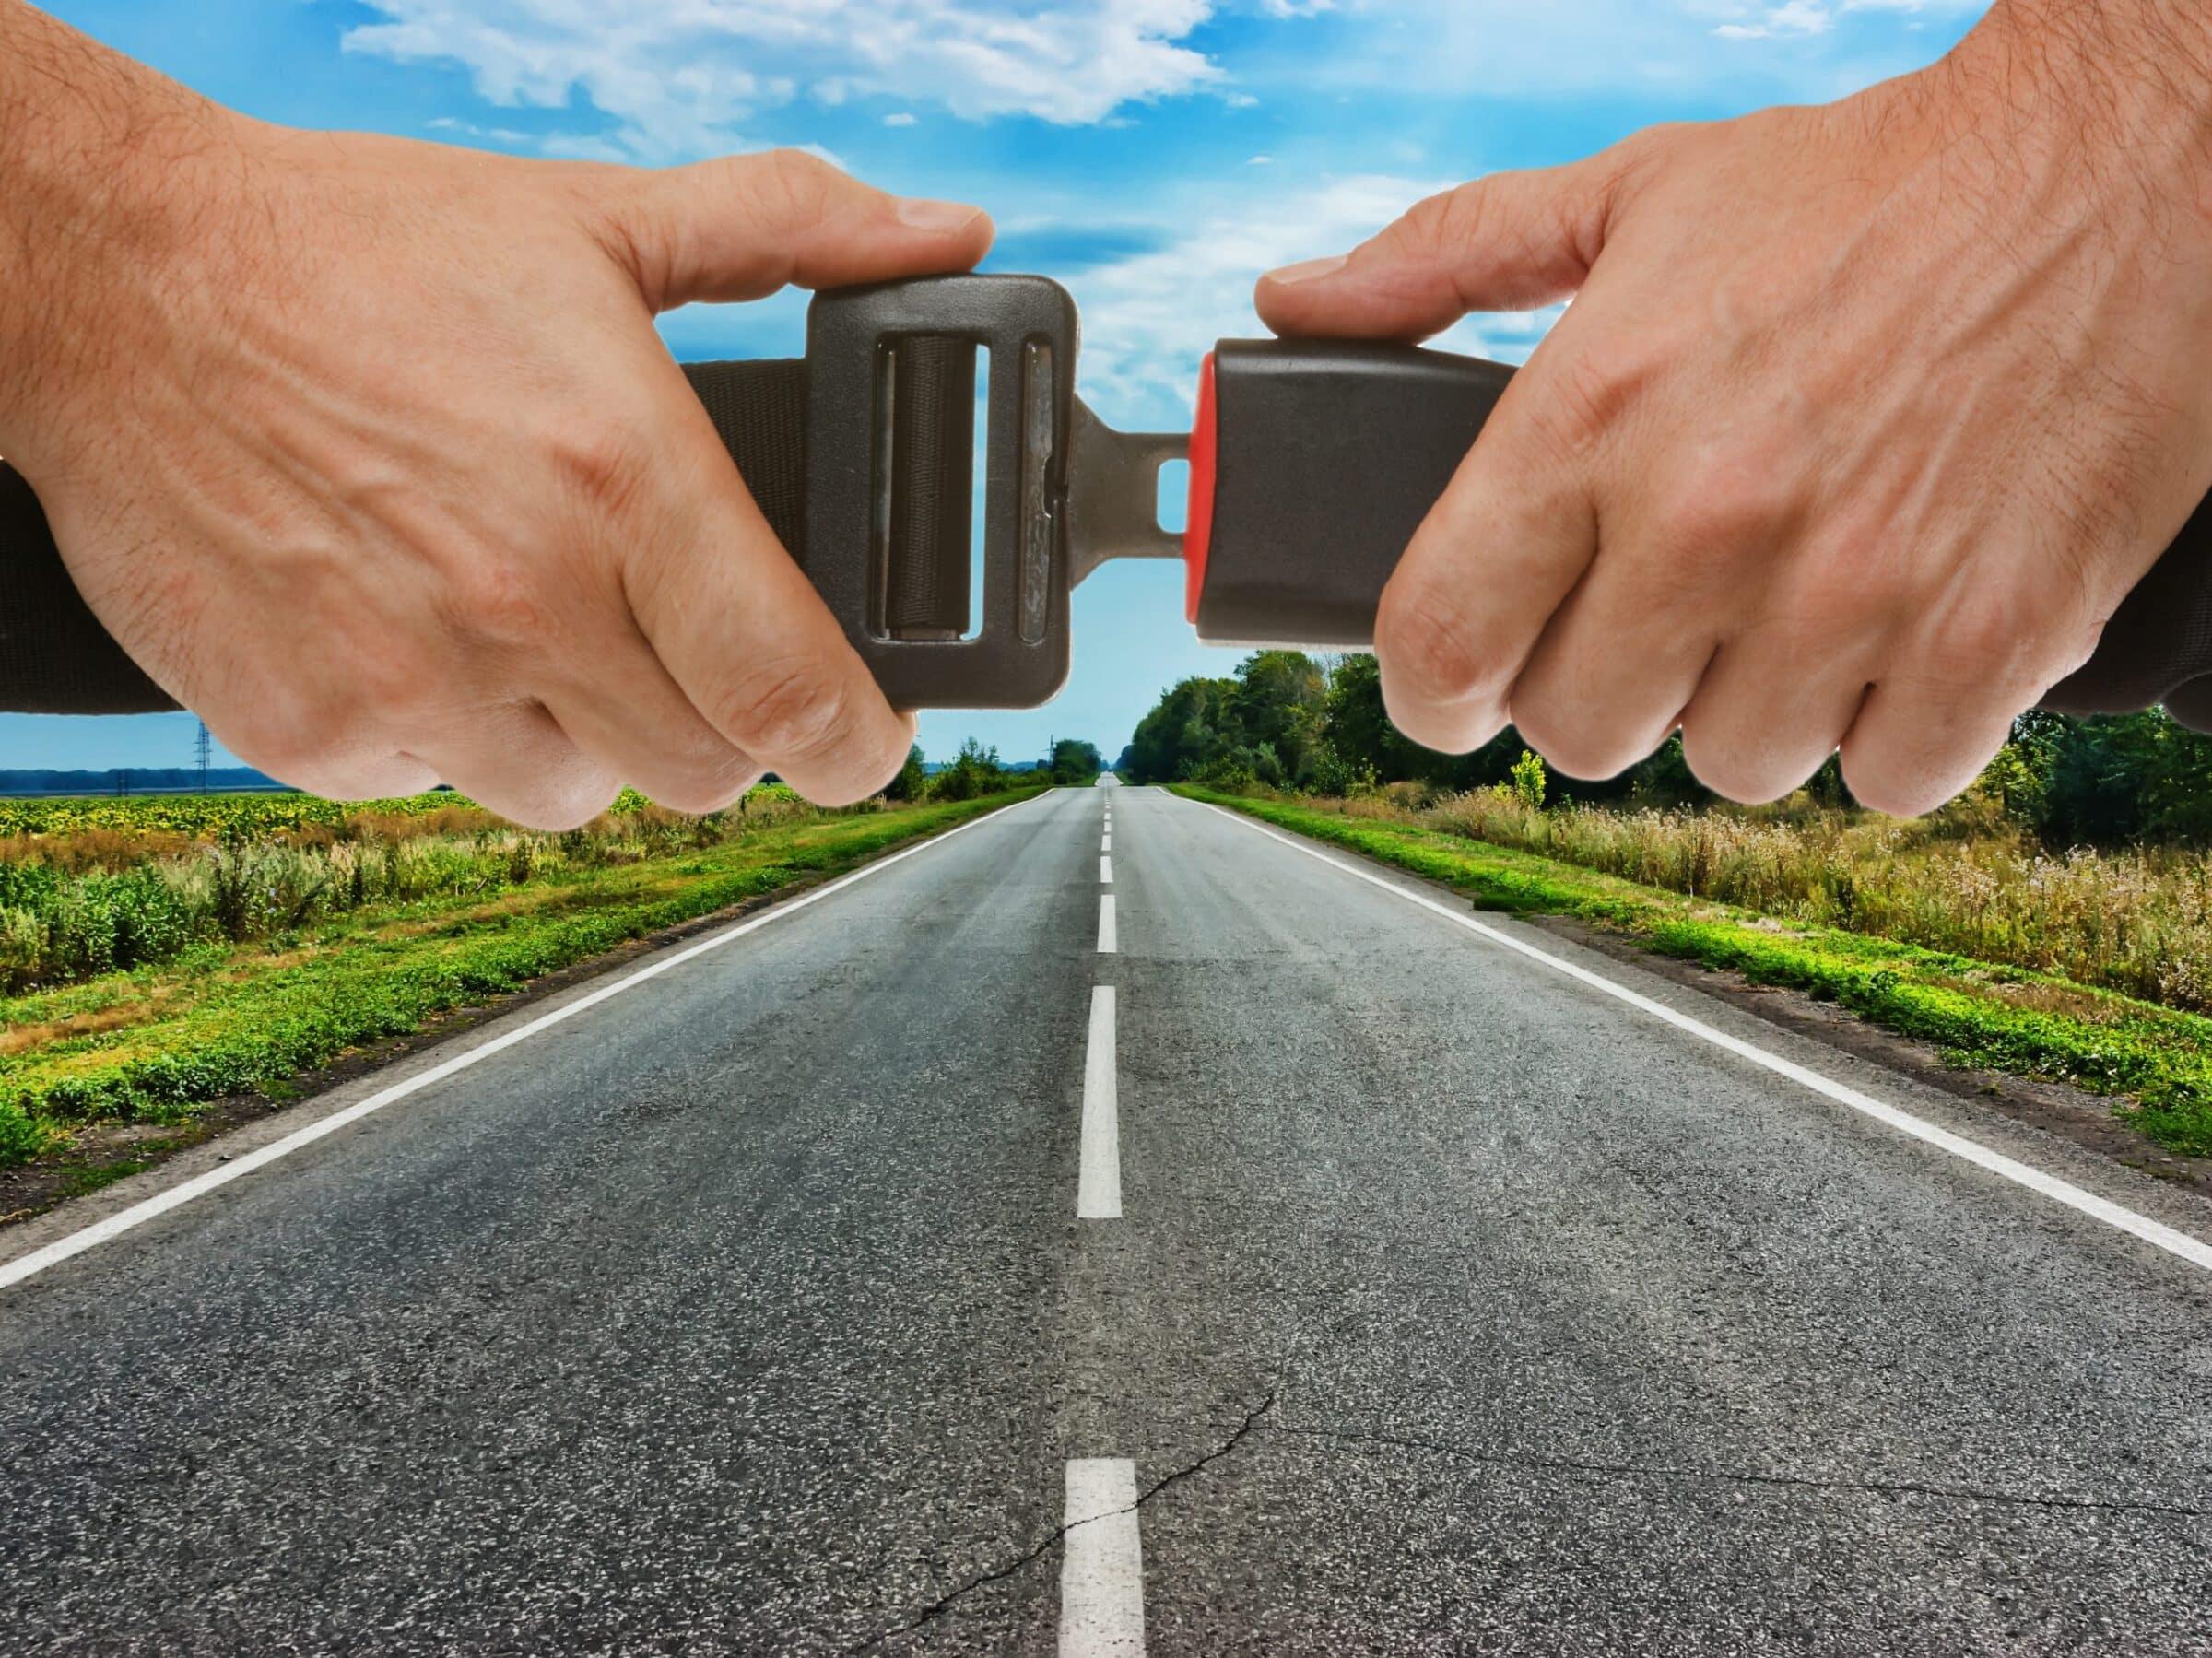 Incidenti stradali, ancora troppe vittime in Sicilia e in Italia: prevenire si può, ecco come – INTERVISTA